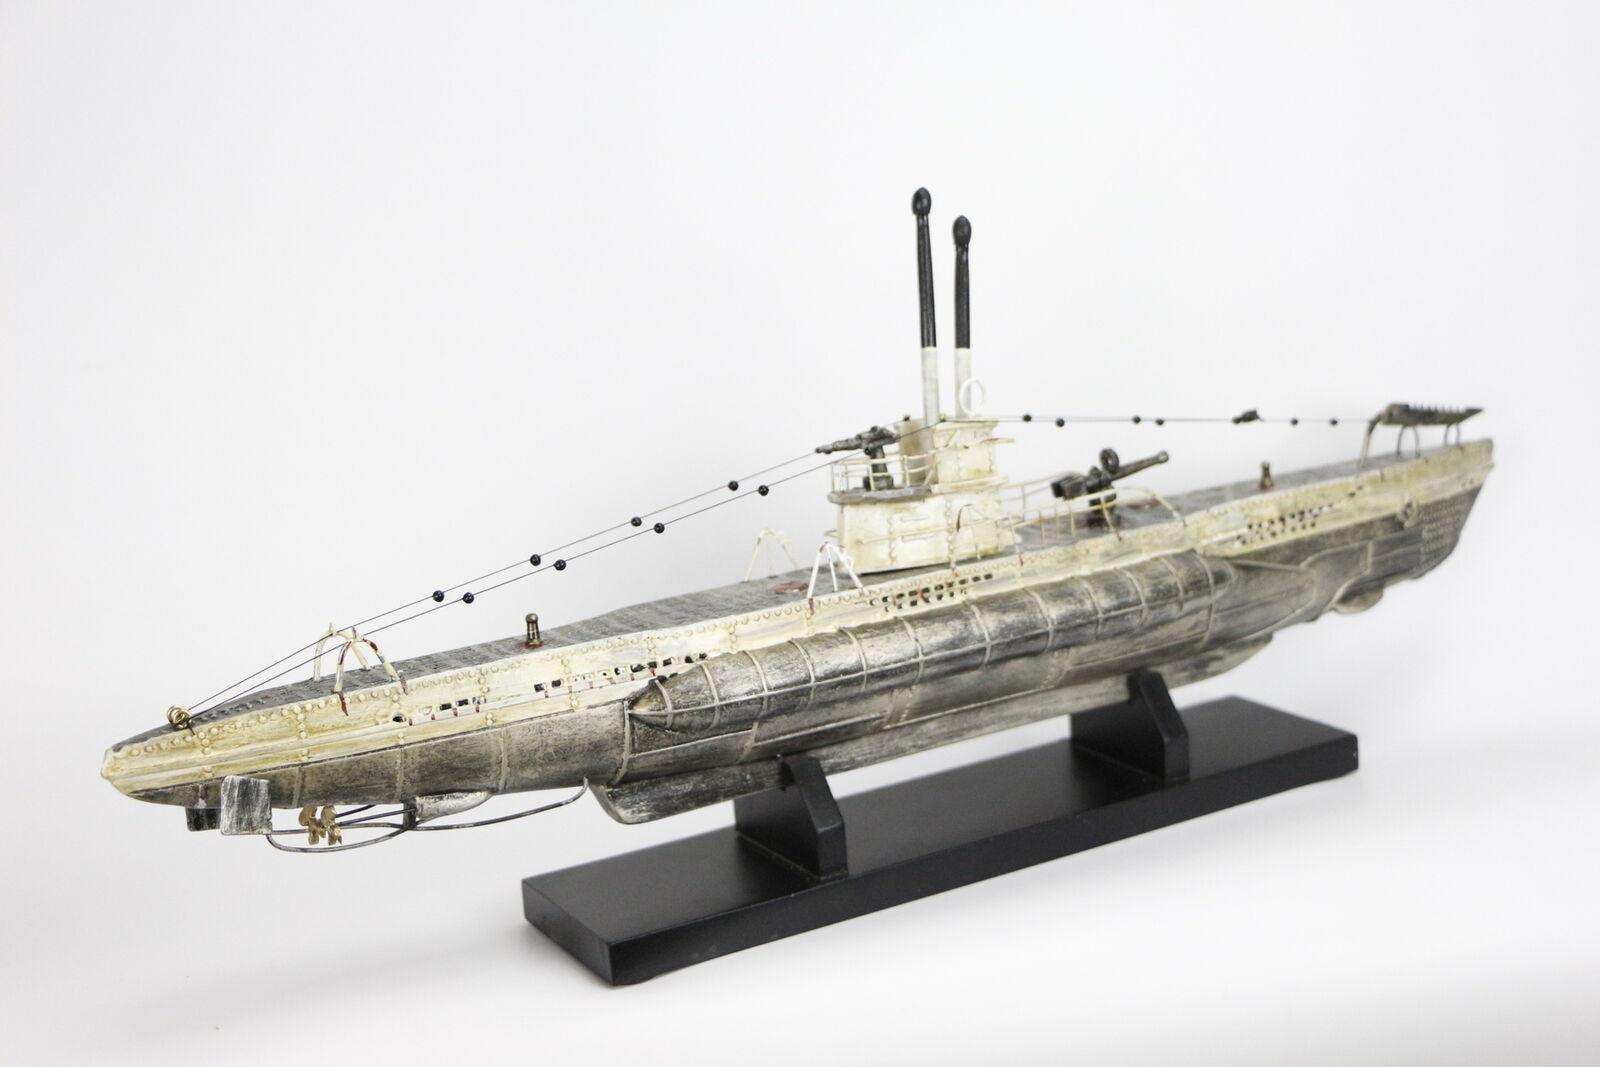 Submarino U-boat Modelismo 48 cms Barco Maqueta Capitán